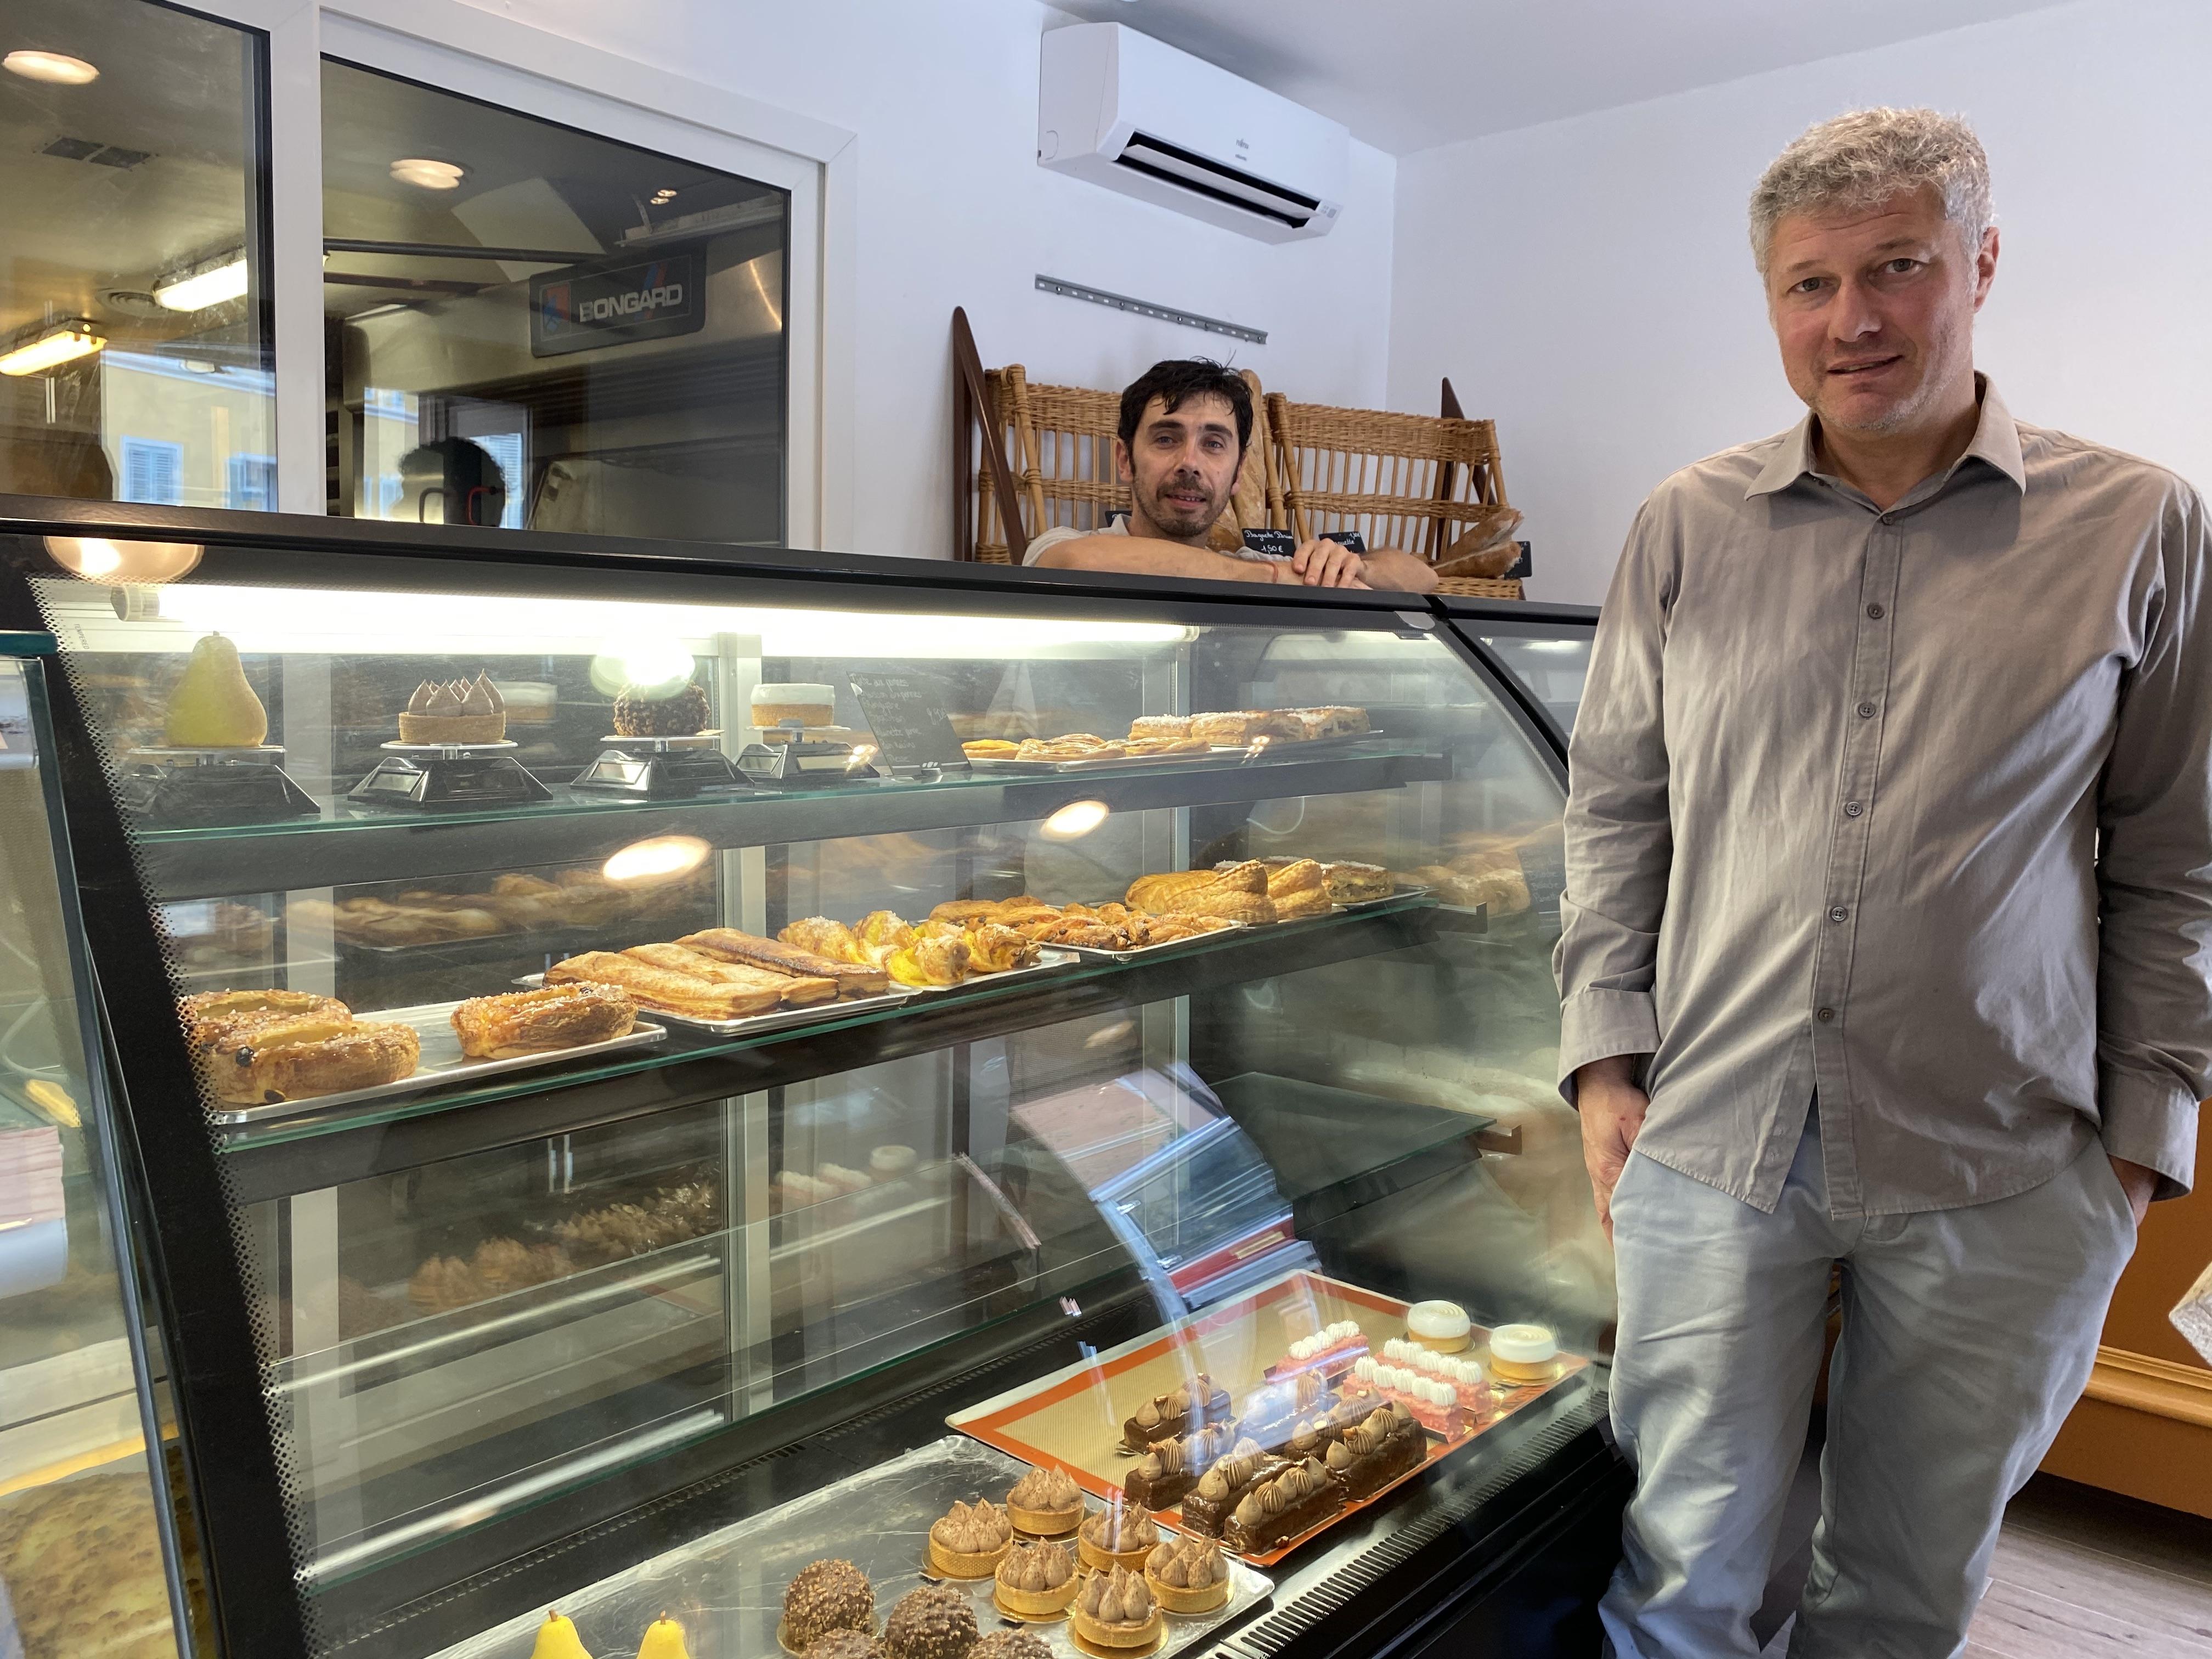 Jean-Christophe Pietri dans sa boulangerie qui emploi des personnes handicapées.